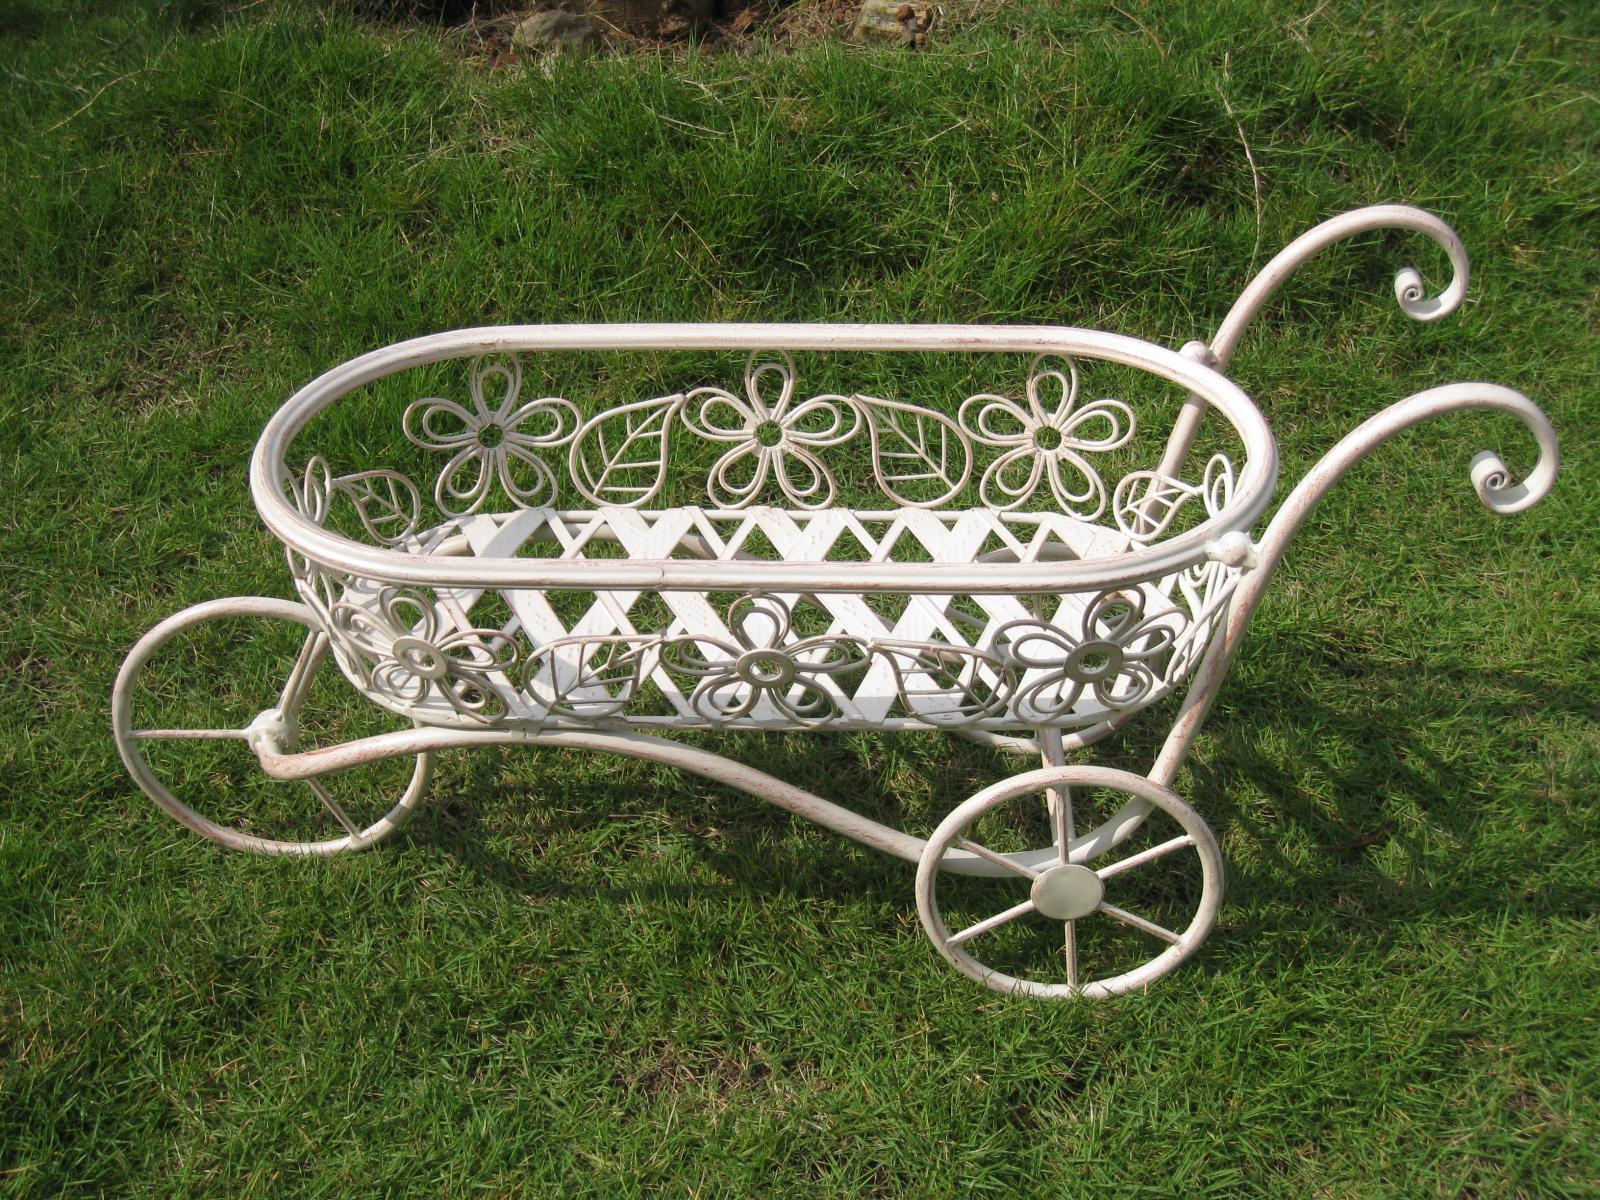 Bentley Garden Wrought Iron Decorative Wheelbarrow Planter Ornament White/Black